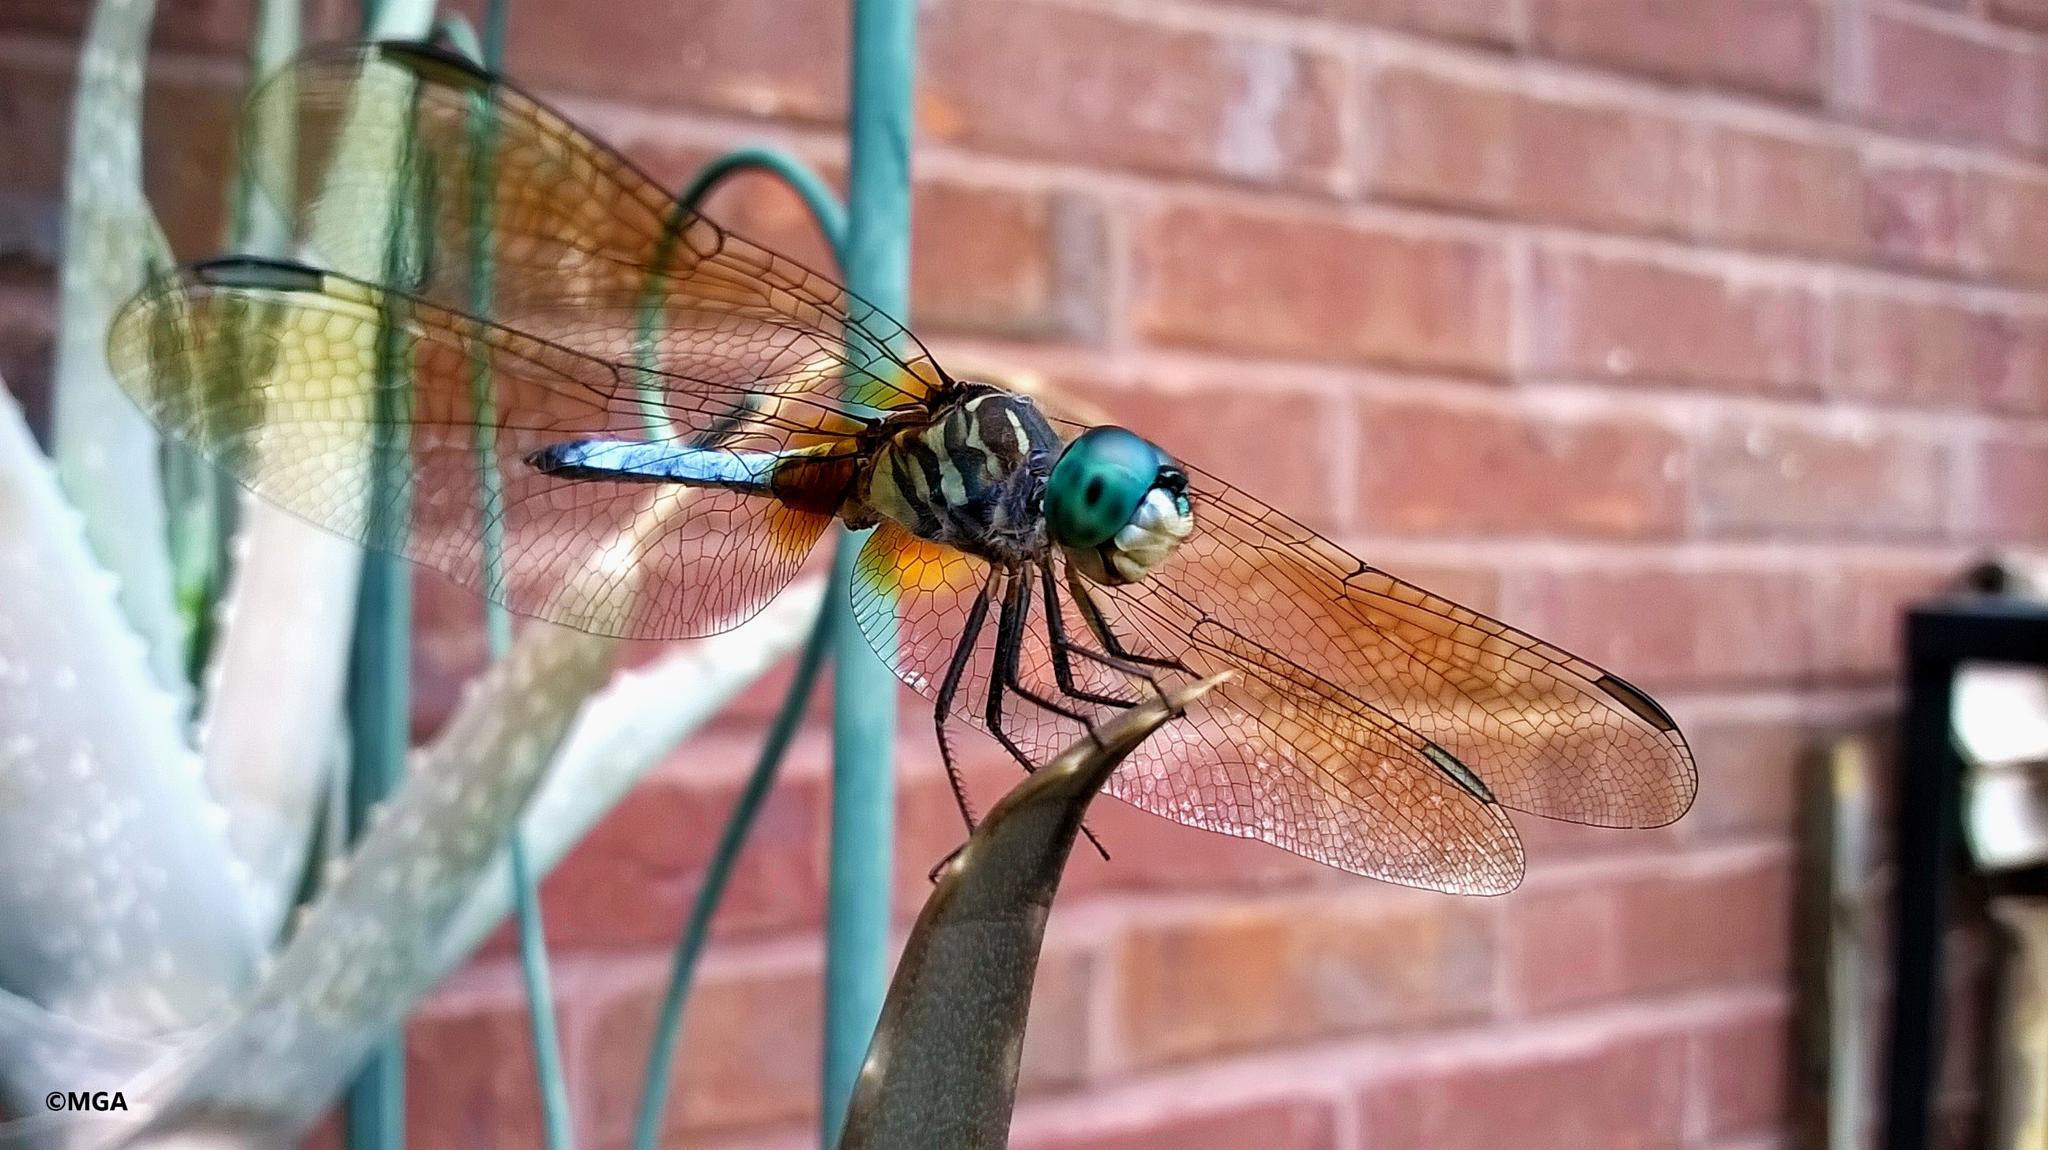 dragonfly 2 by Mahnaz & Yelda